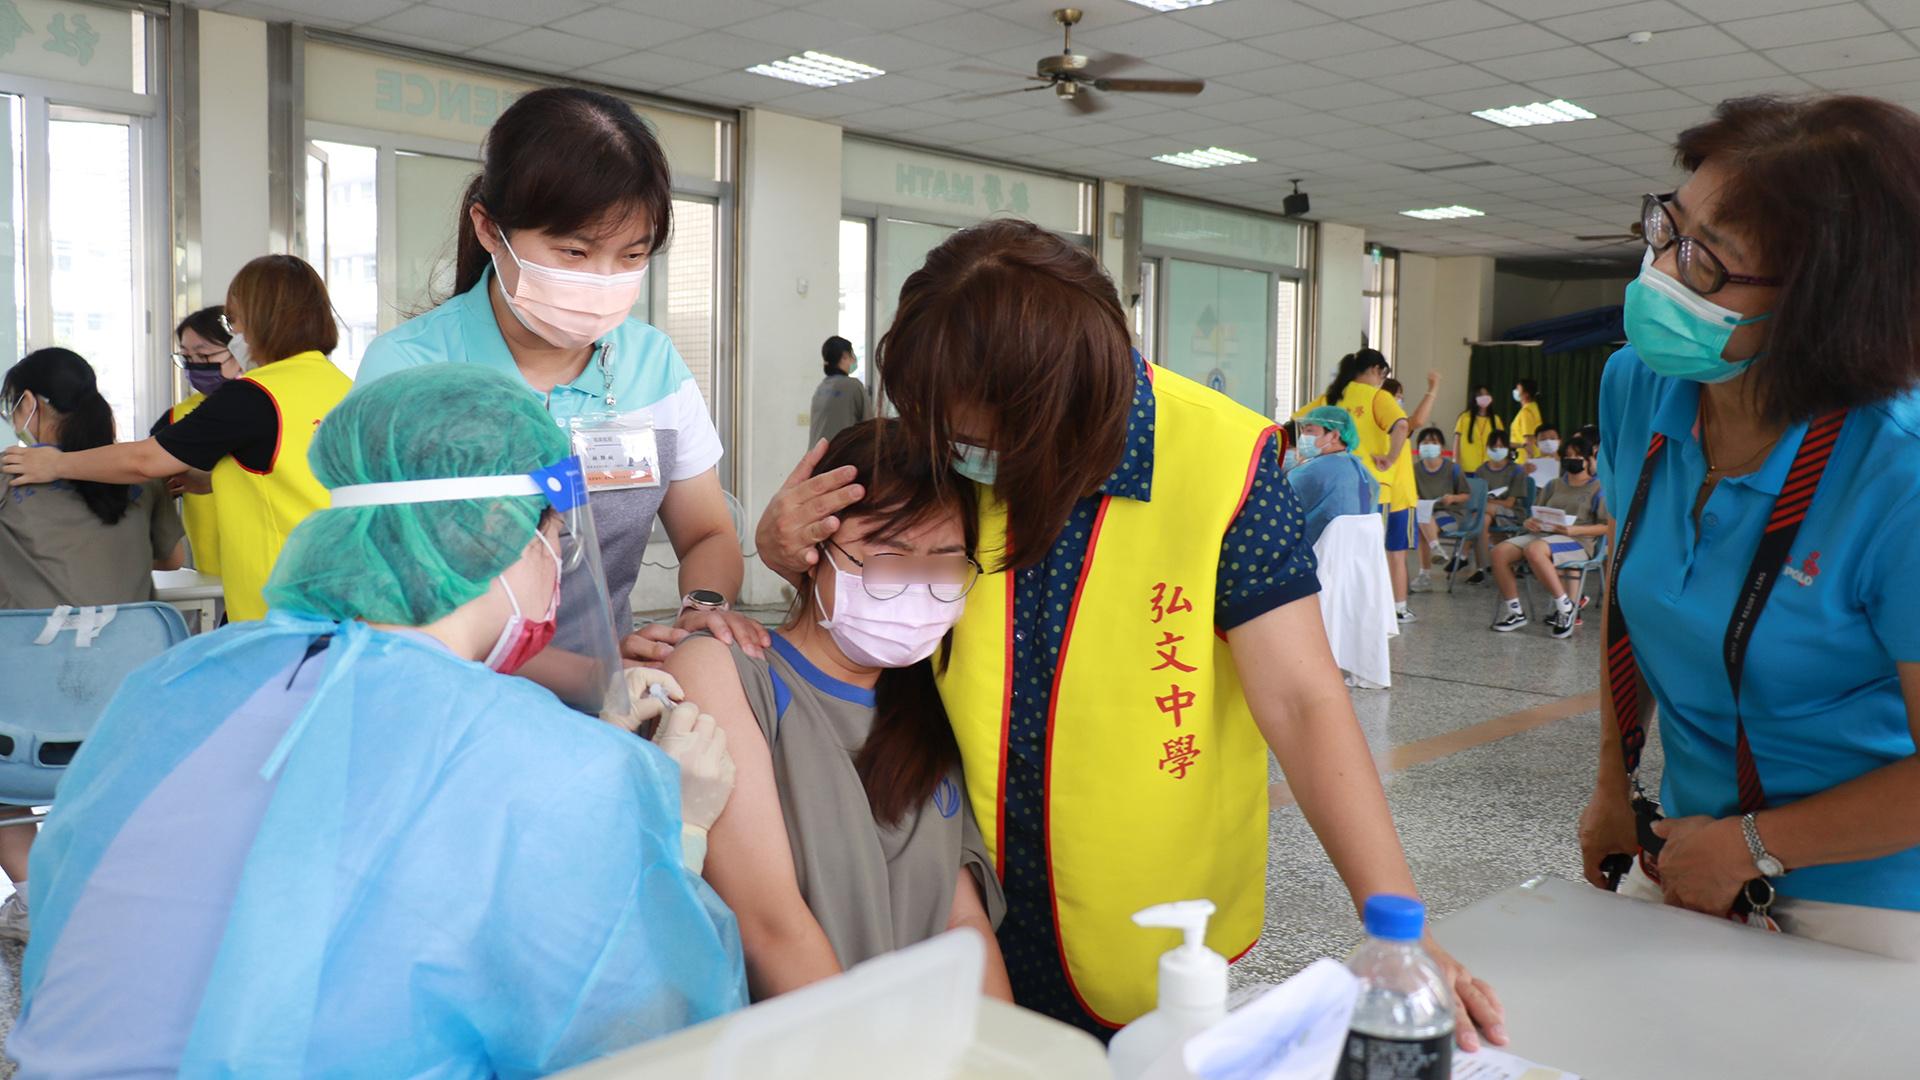 弘文中學志工媽媽協助安撫學生緊張的情緒。